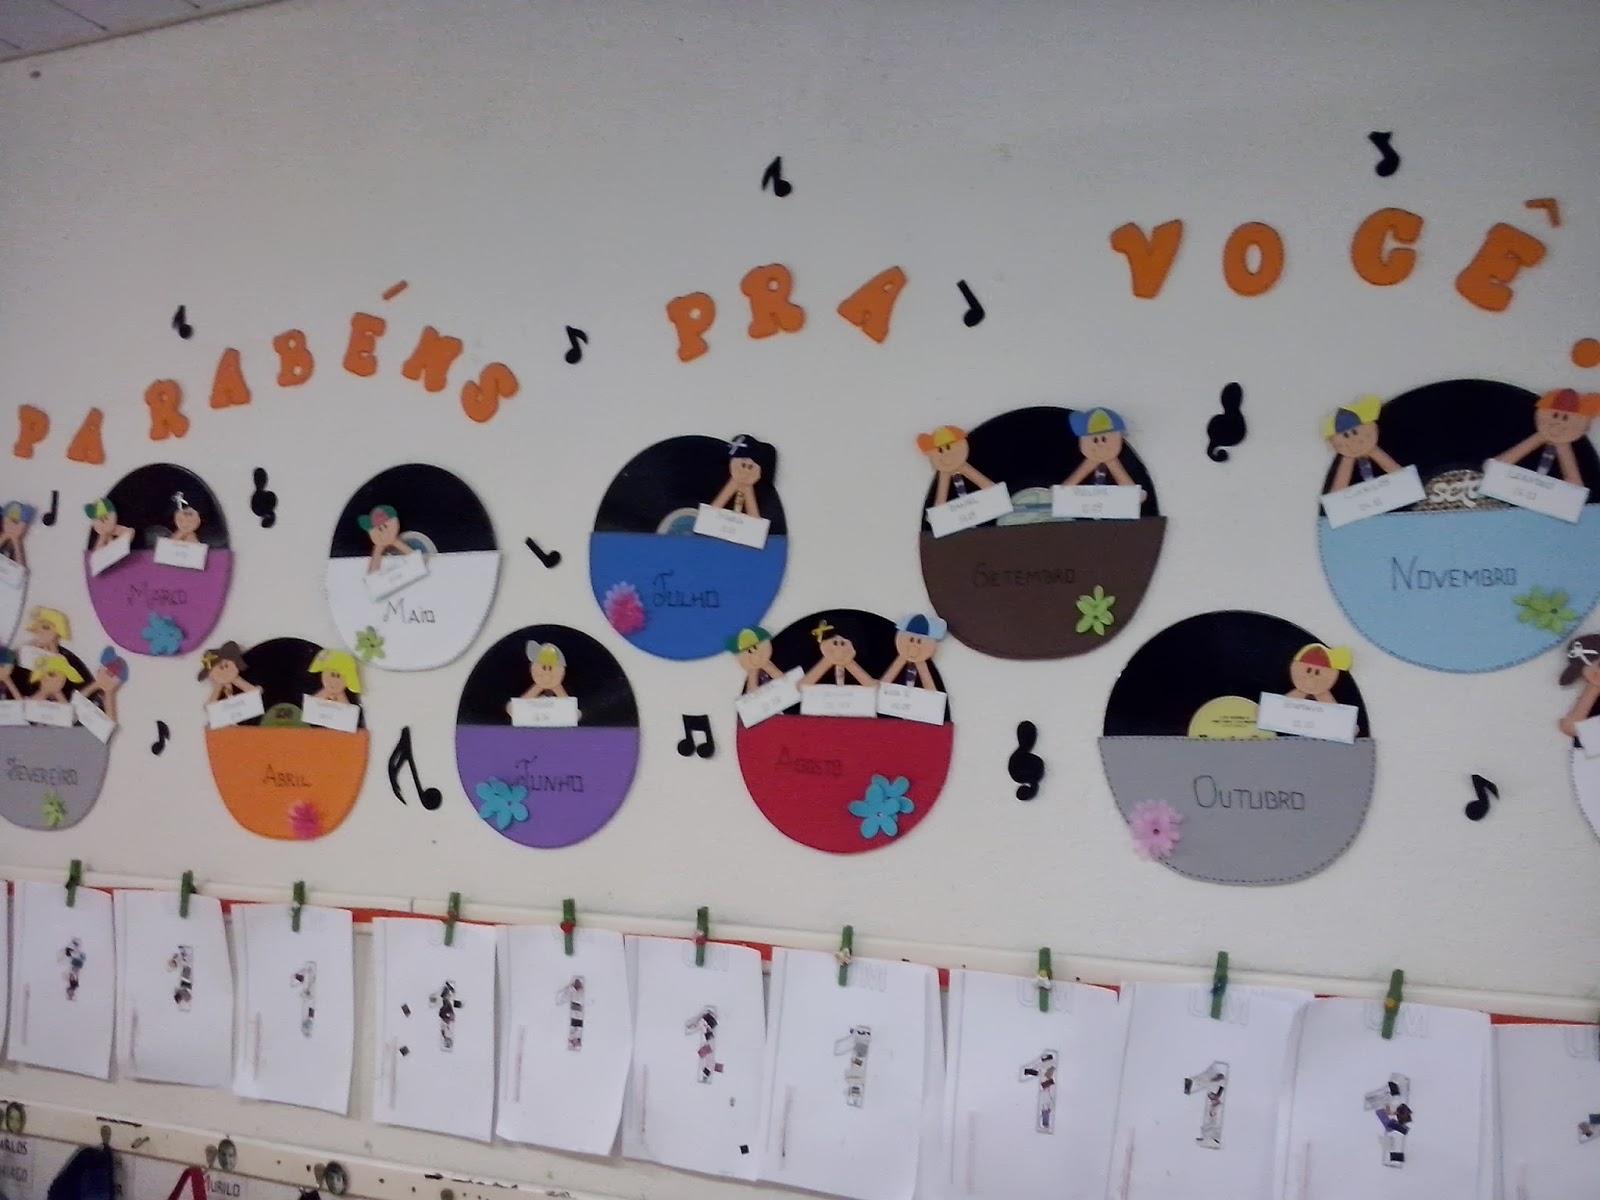 #8A392E EDUCAÇÃO INFANTIL: Projeto Música na Educação Infantil 1600x1200 px Projeto Cozinha Na Educação Infantil_4295 Imagens